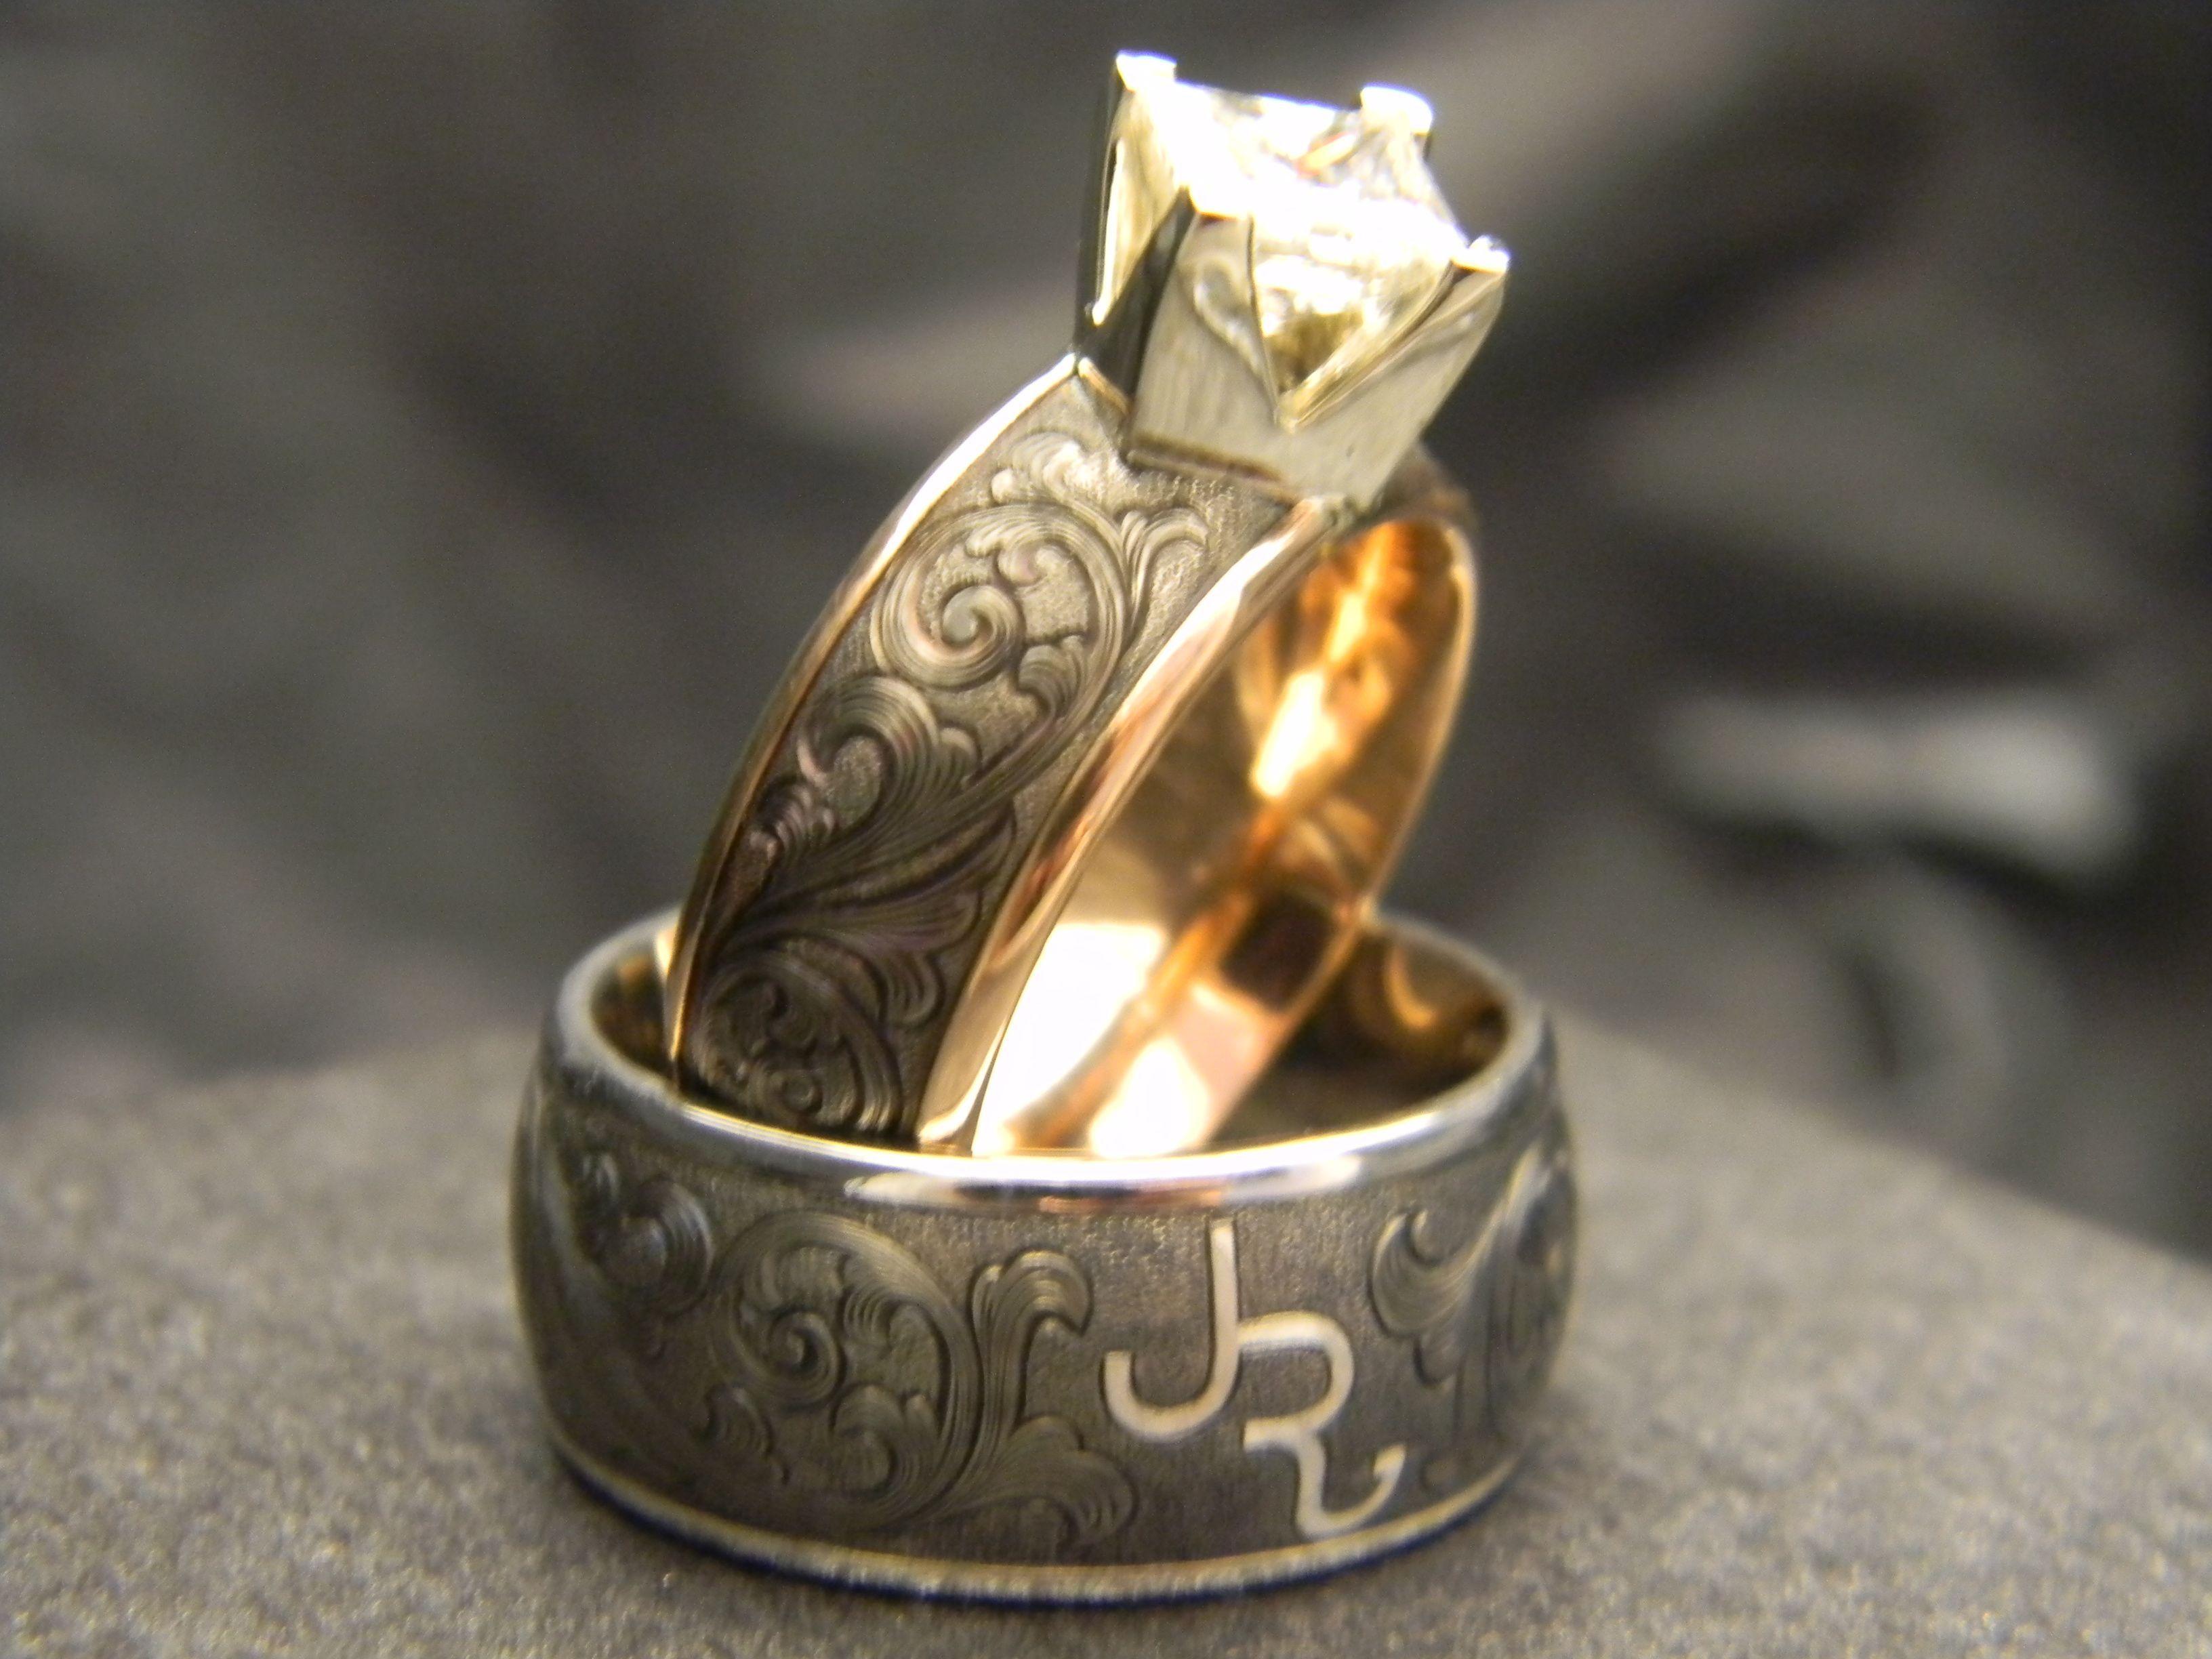 Men's 10mm Titanium engraved ring with JHook engraving